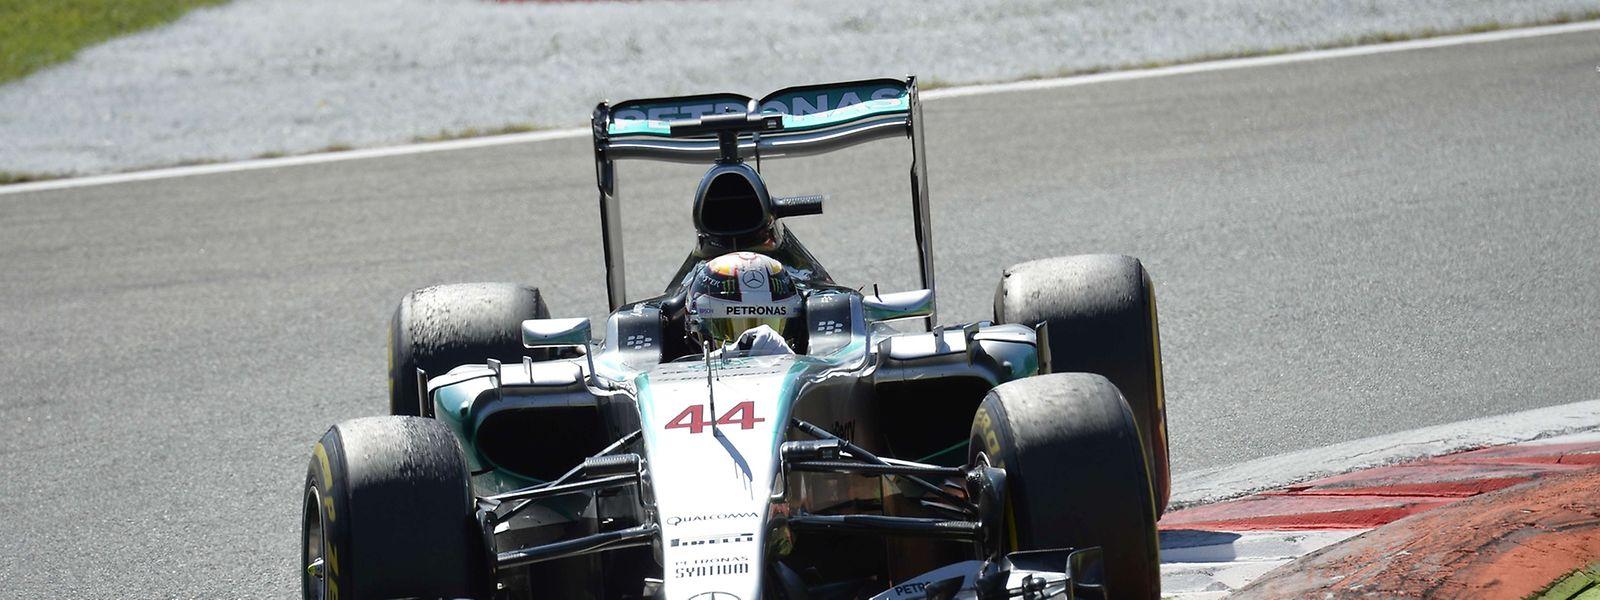 Mais uma vitória para Lewis Hamilton, desta vez no circuito de Monza